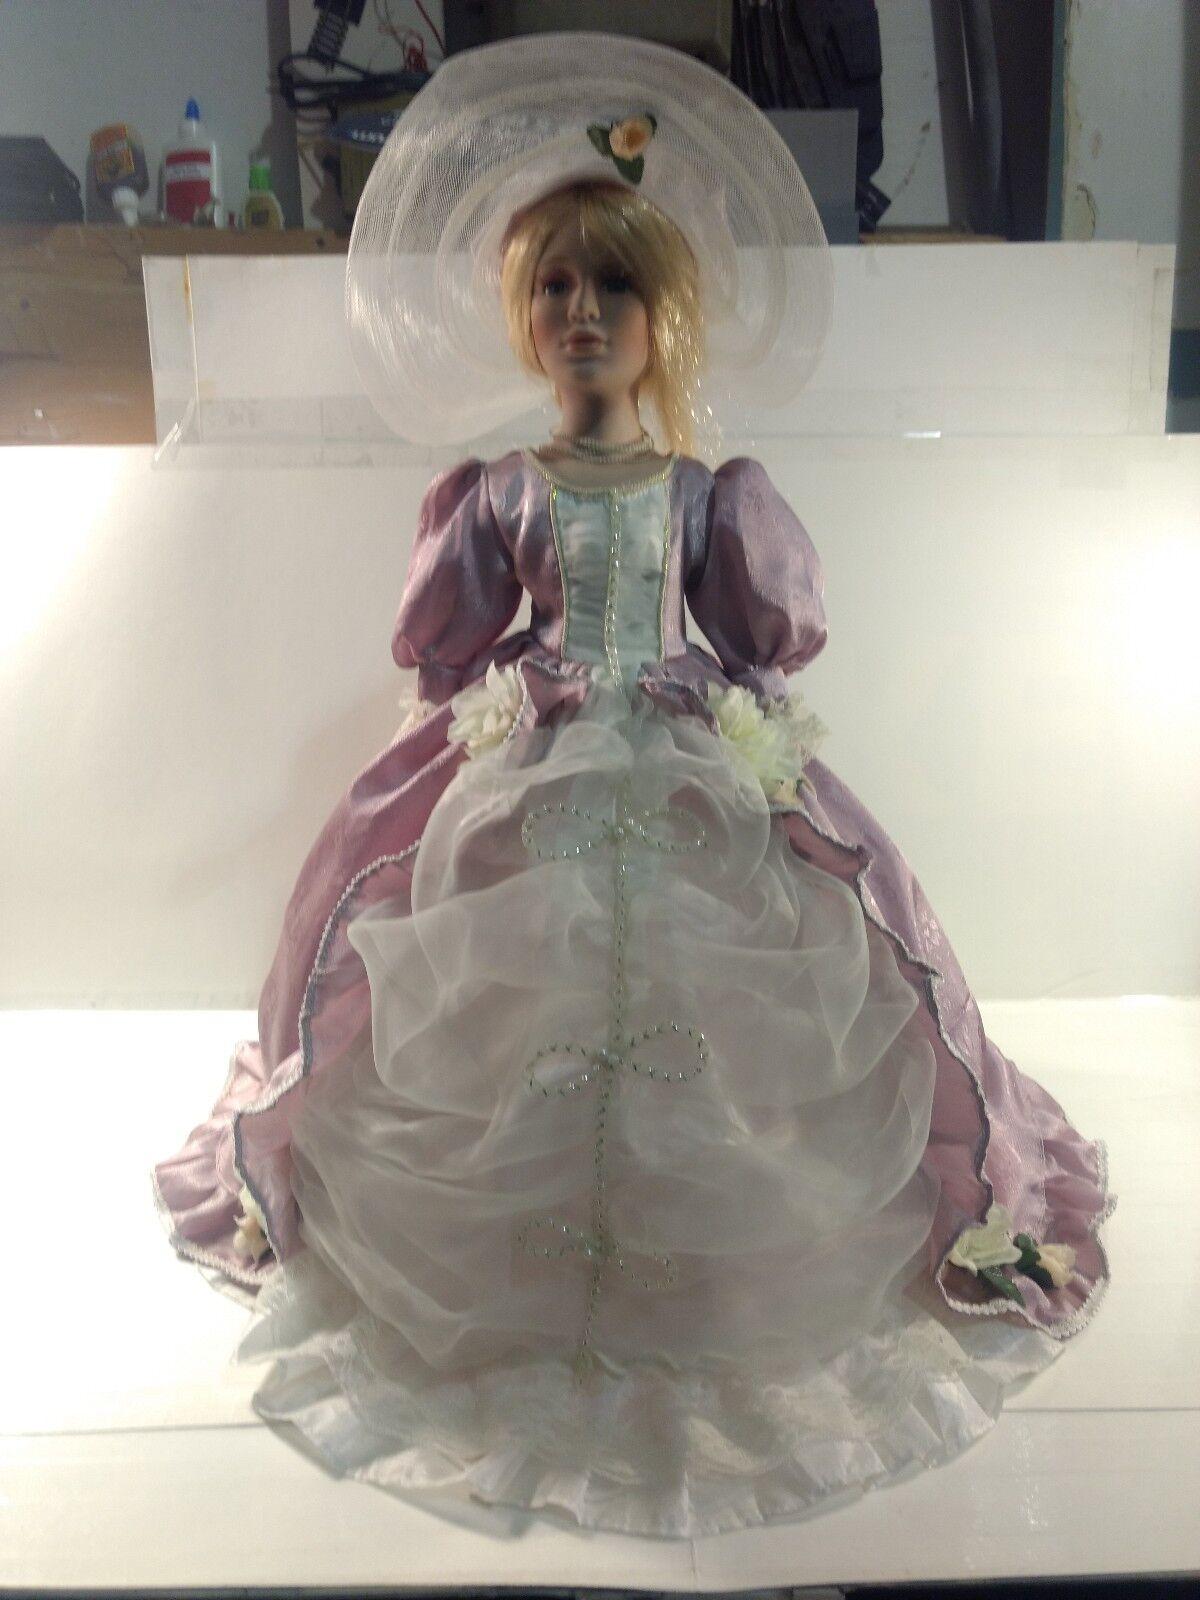 Vintage Stile Vittoriano Porcellana Ombrello  53.3cm Bambola in Vestito Viola  marche online vendita a basso costo